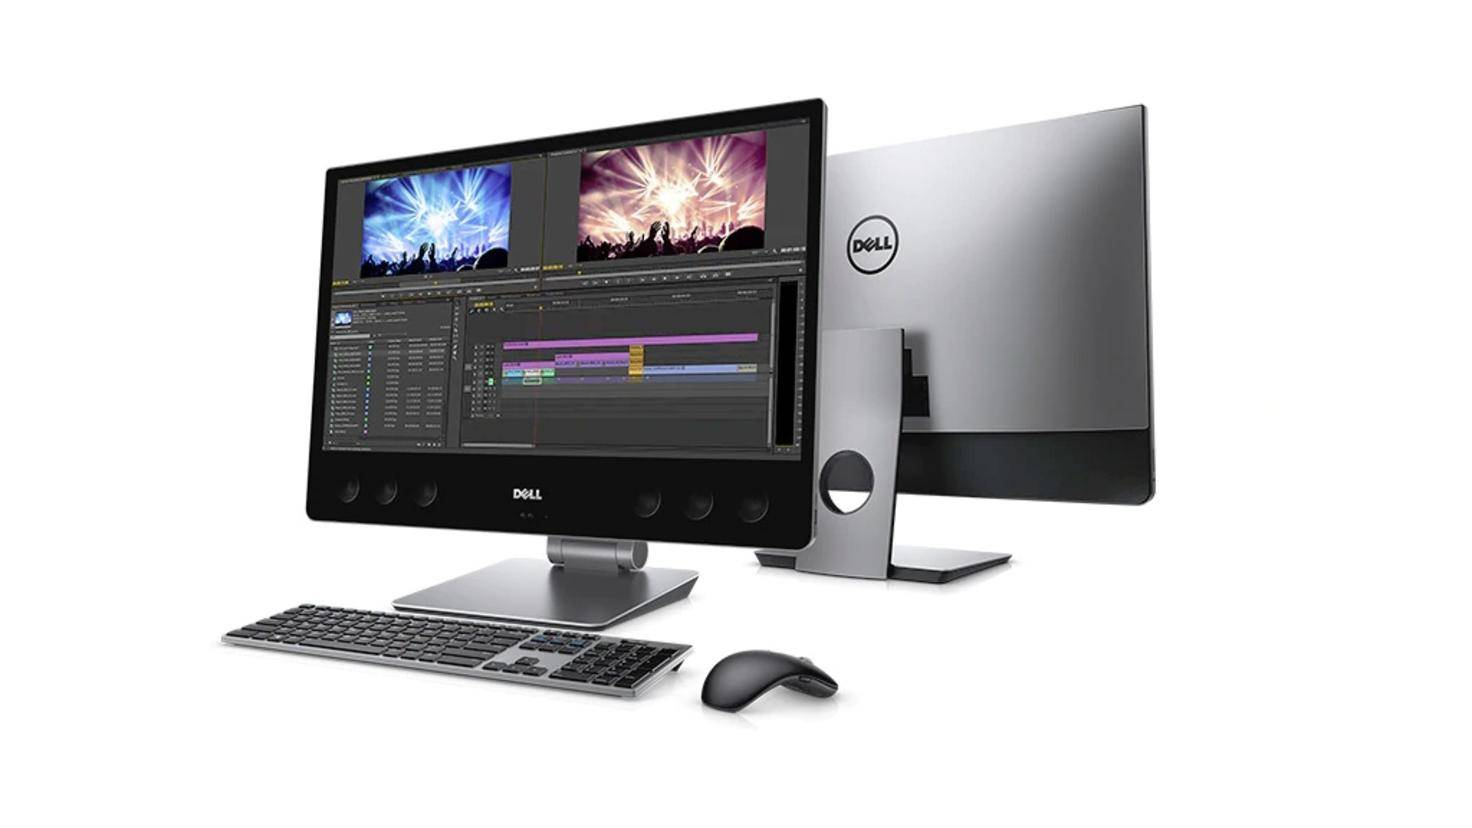 Dell-Precision-5720-All-in-One